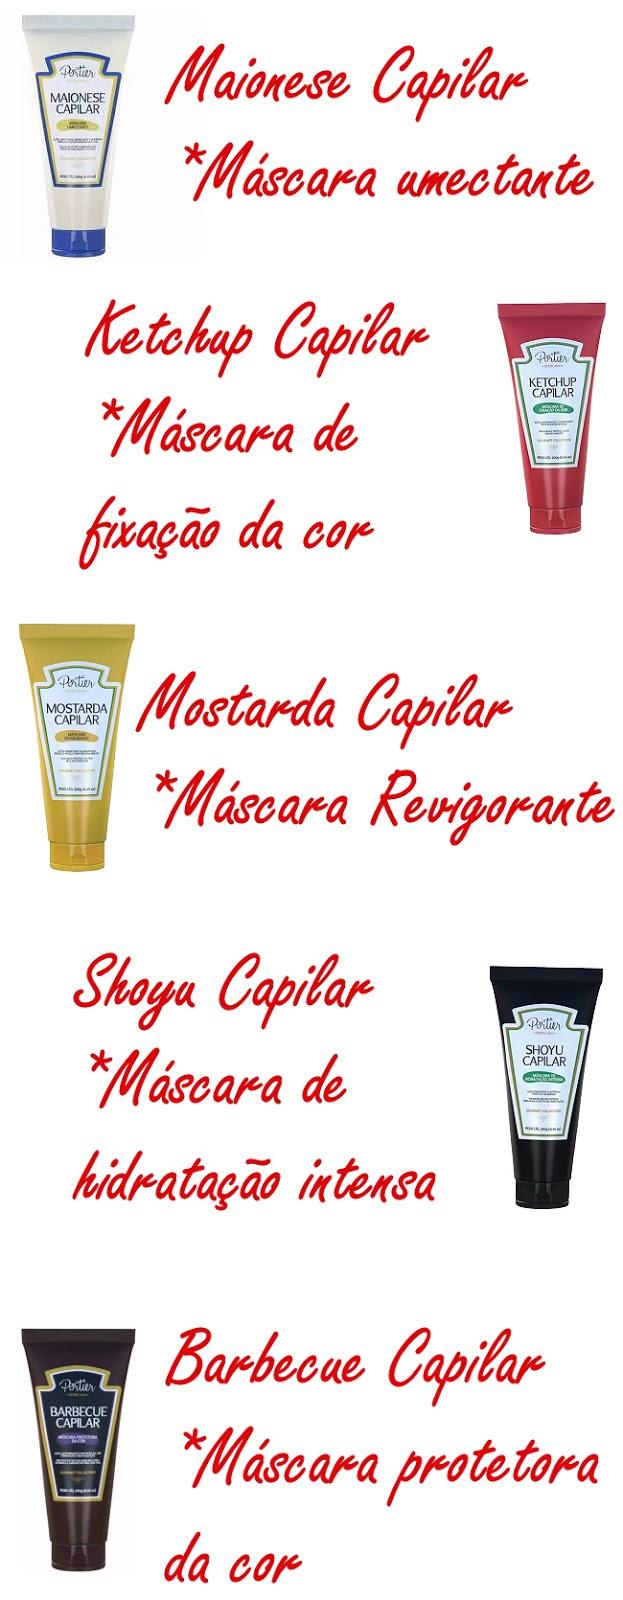 Maionese Capilar, Ketchup Capilar, Mostarda Capilar, Shoyu Capilar, Barbecue Capilar